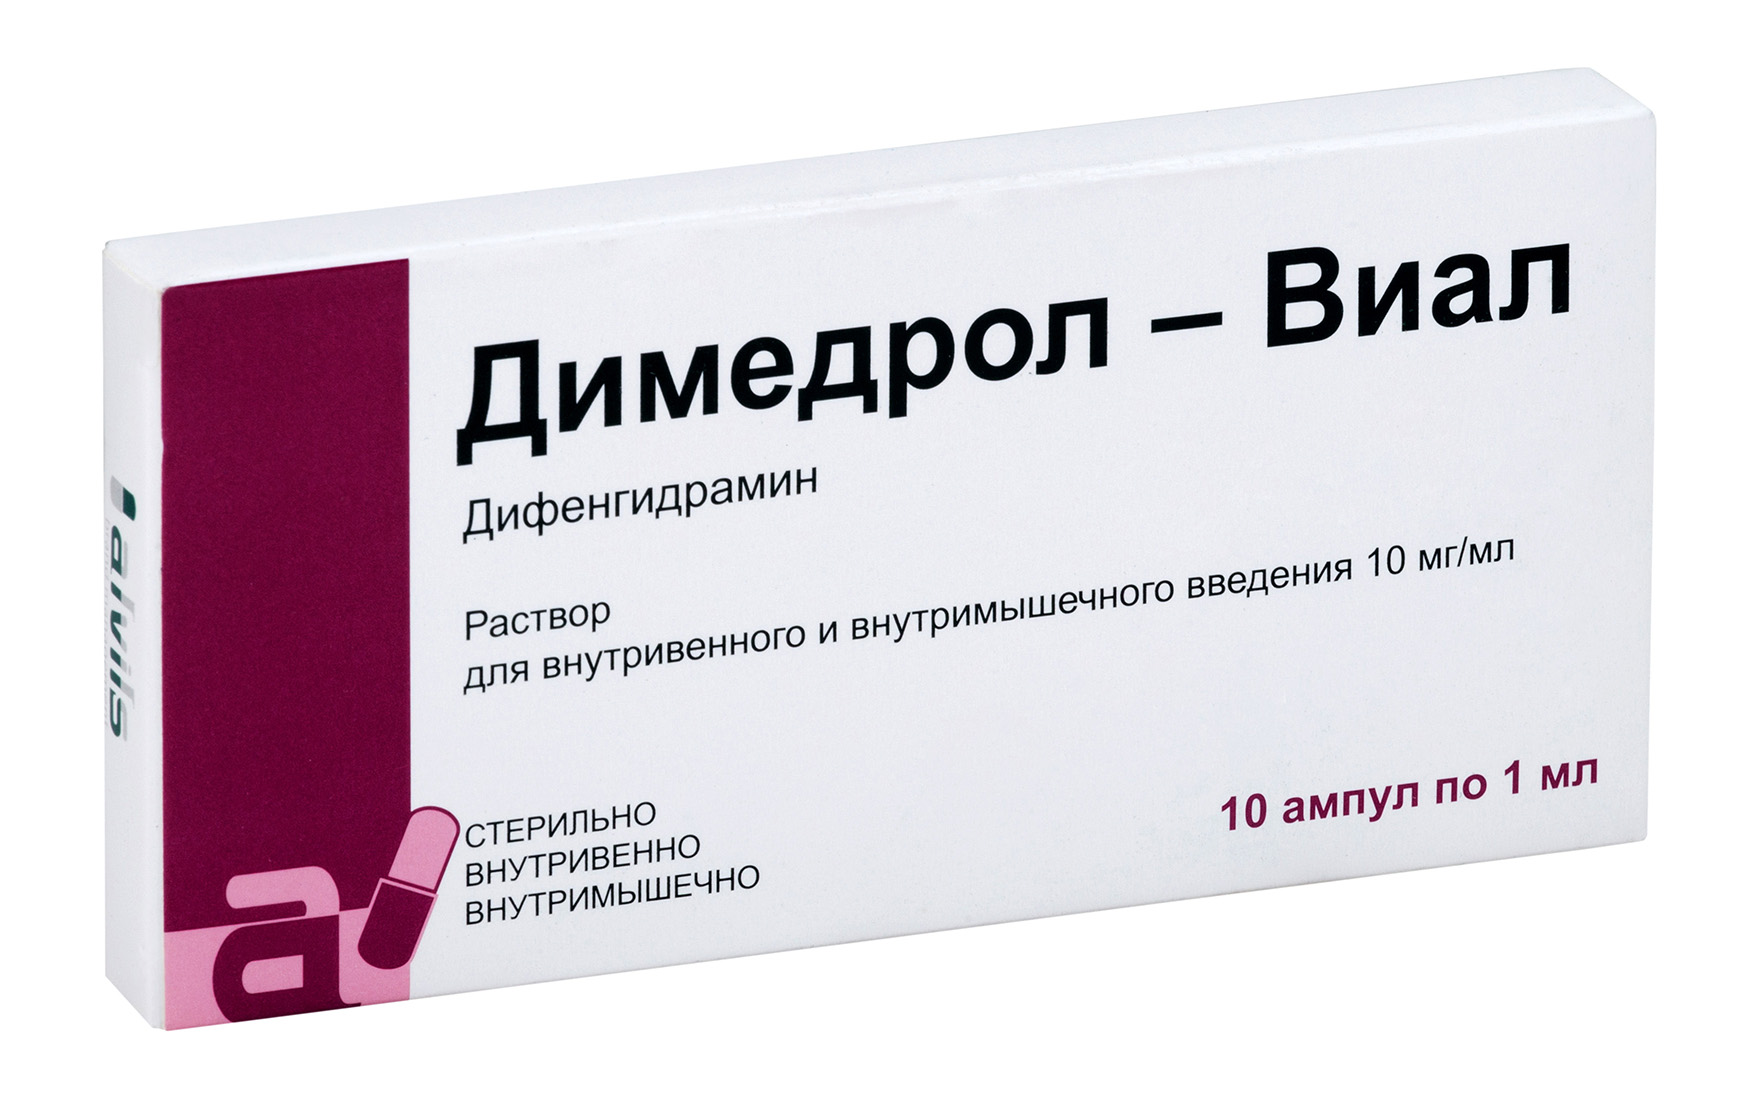 Димедрол таблетки: инструкция, отзывы, аналоги